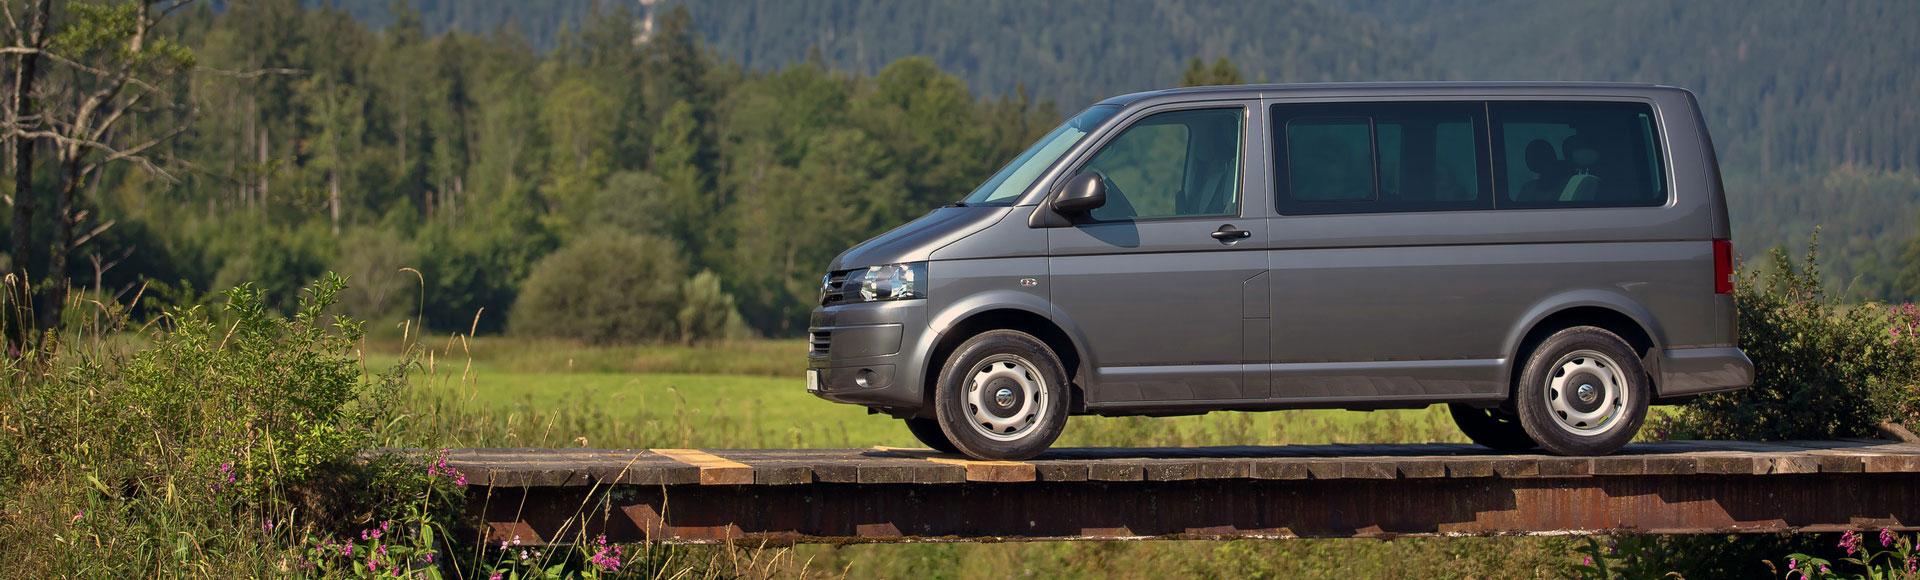 VW T5 Multivan Startline 2015 Sommer 1897